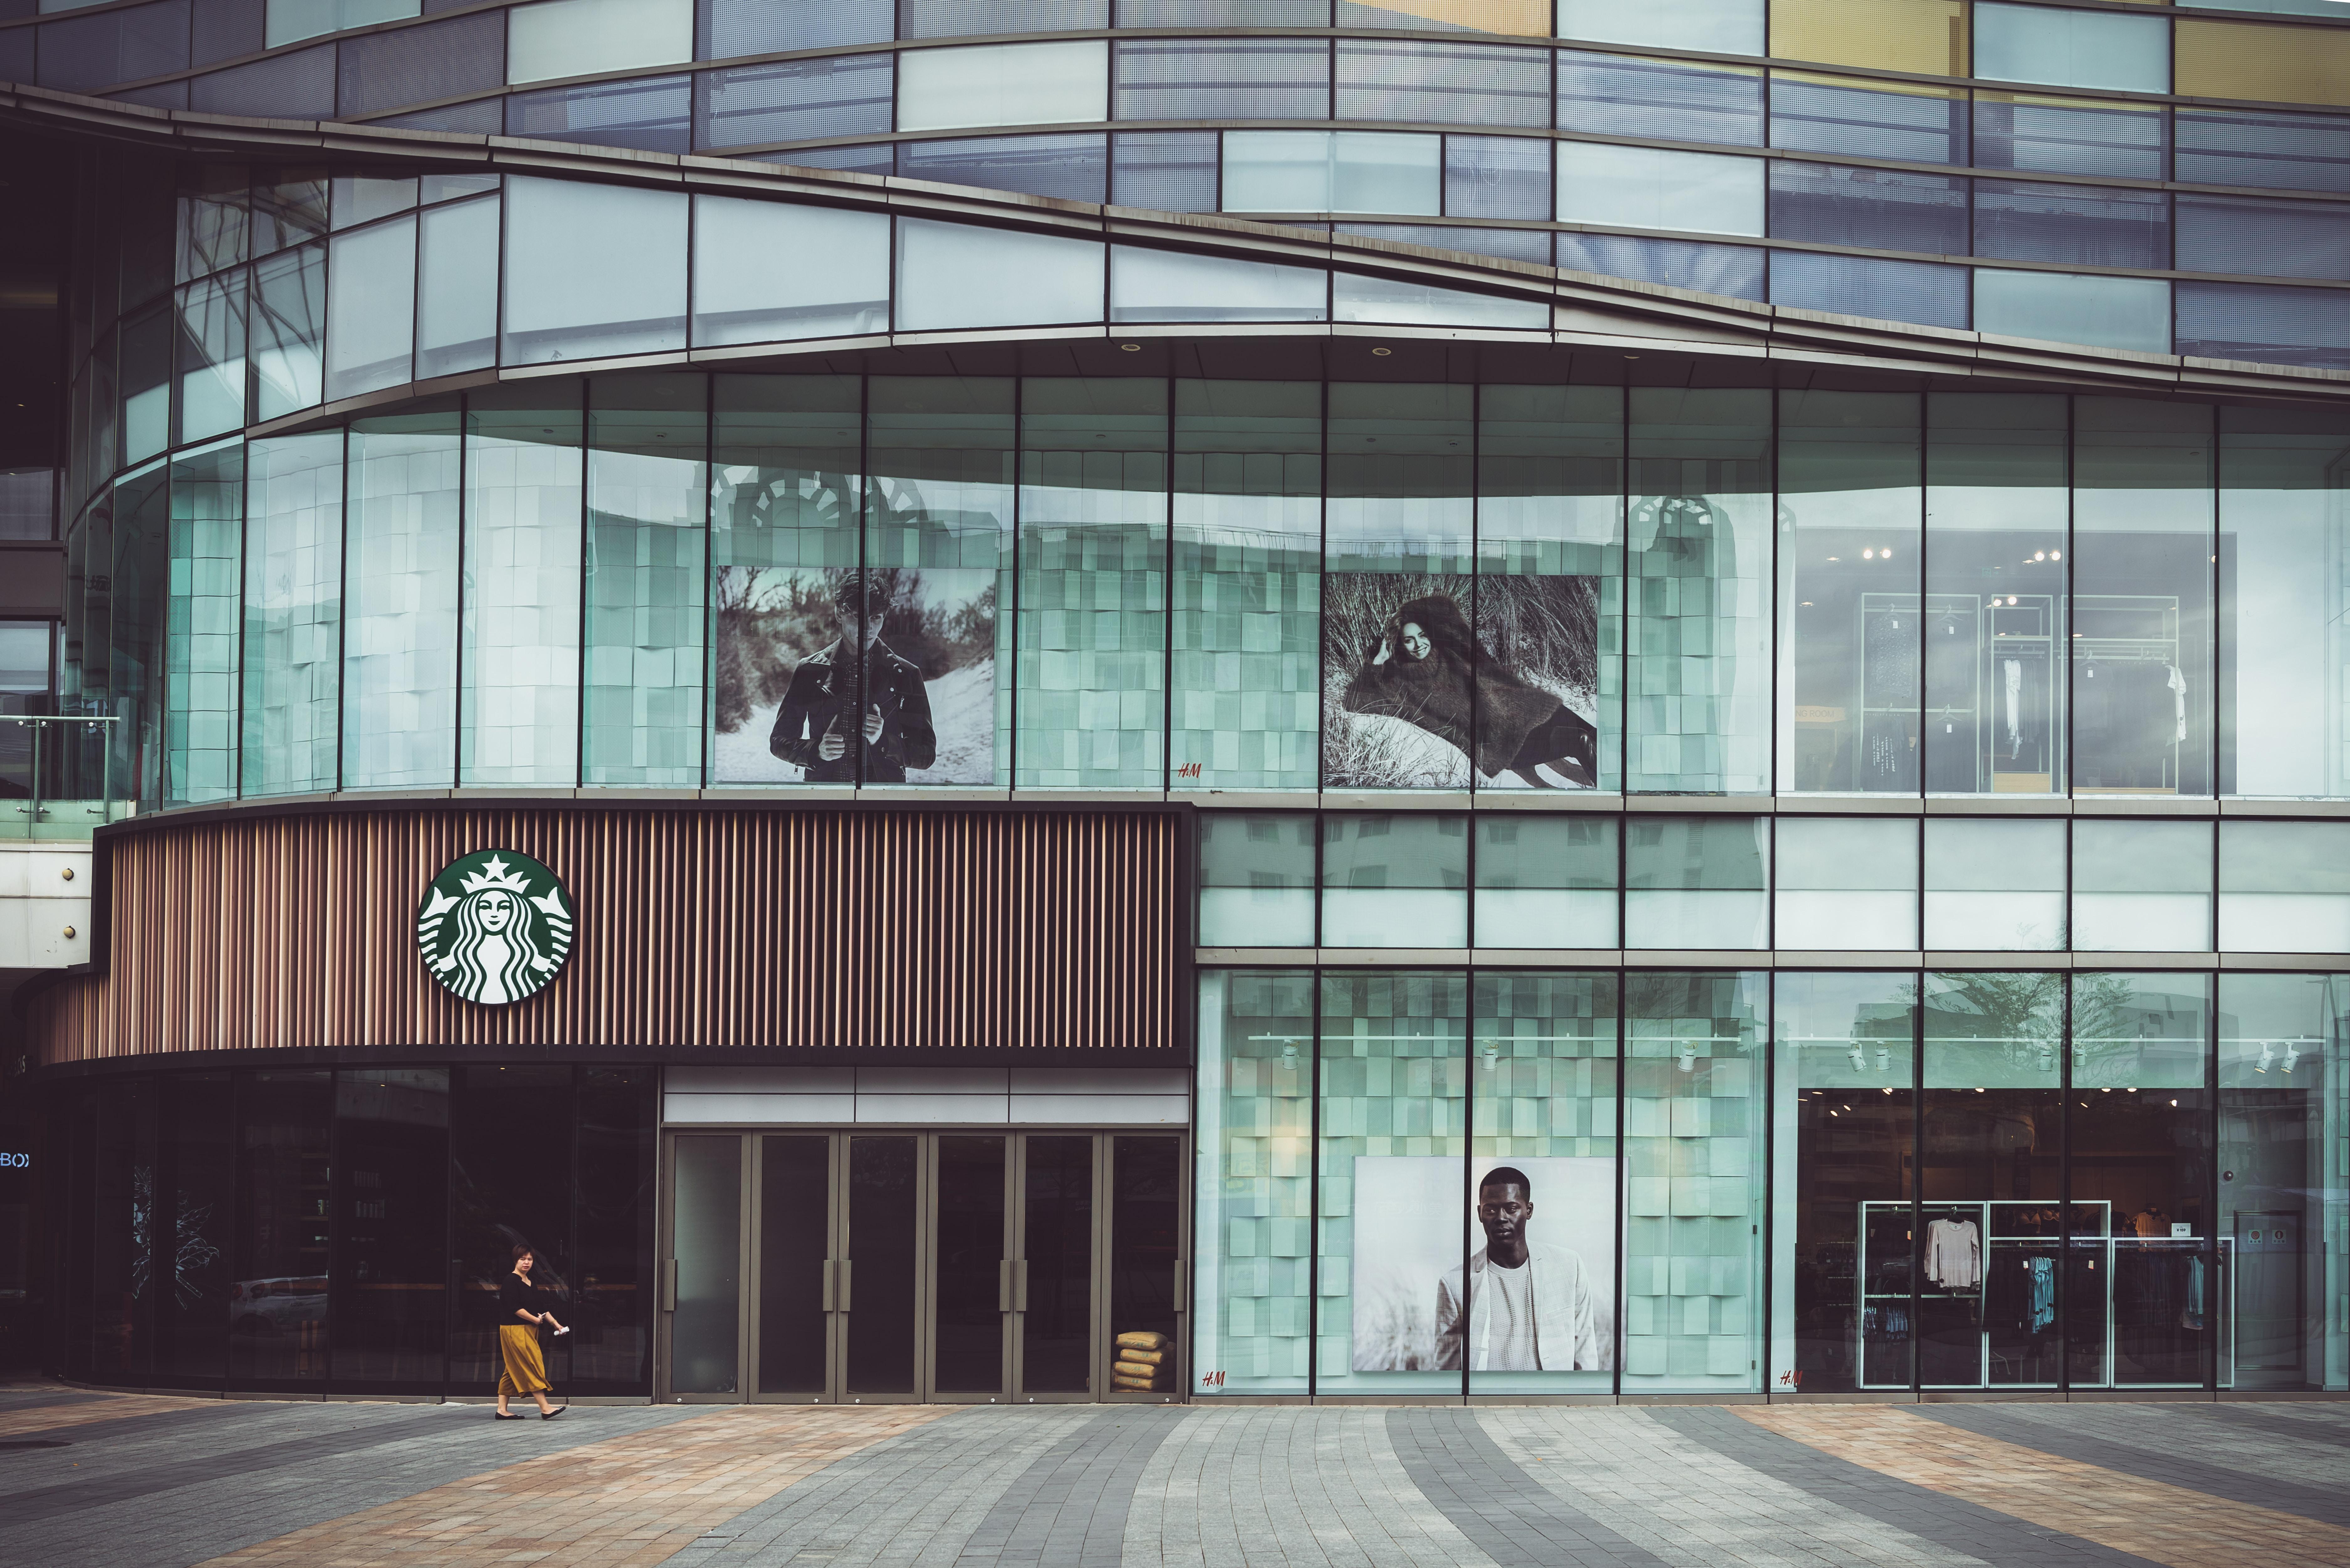 Le café servi par votre banque n'est pas aussi bon que celui-ci